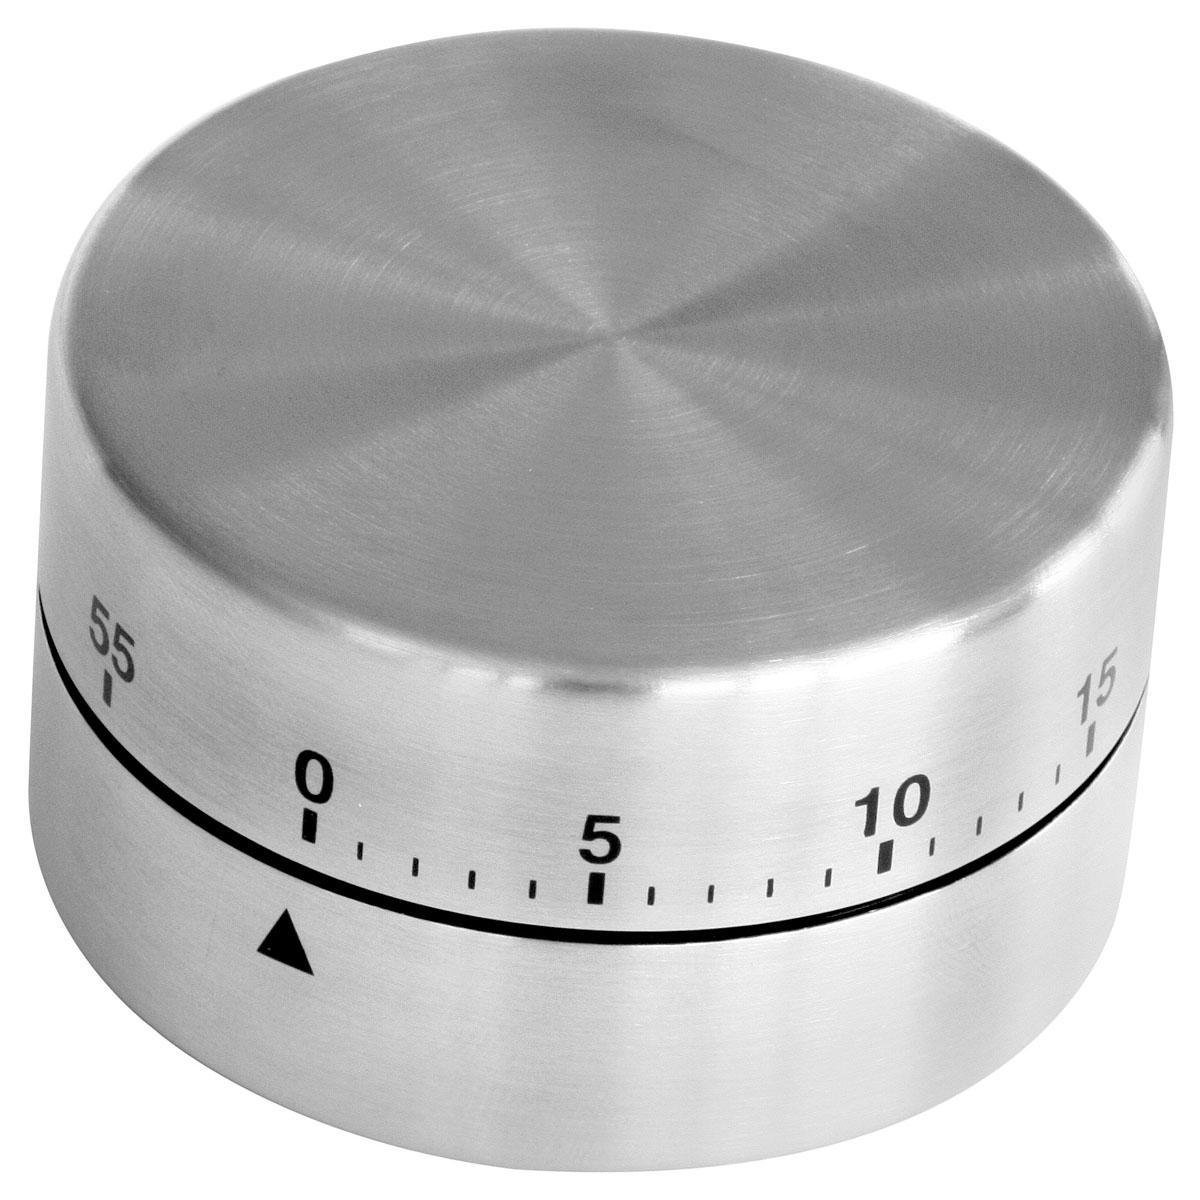 """Таймер кухонный """"Zenker"""" изготовлен из нержавеющей стали. Максимальное  время, на которое вы можете поставить таймер, составляет 60 минут. После того,  как время истечет, таймер громко зазвенит.  Оригинальный дизайн таймера украсит интерьер любой современной кухни, и  теперь вы сможете без труда  вскипятить молоко, отварить пельмени или вовремя вынуть из духовки  аппетитный пирог.  Диаметр таймера: 6 см. Высота корпуса: 4 см."""